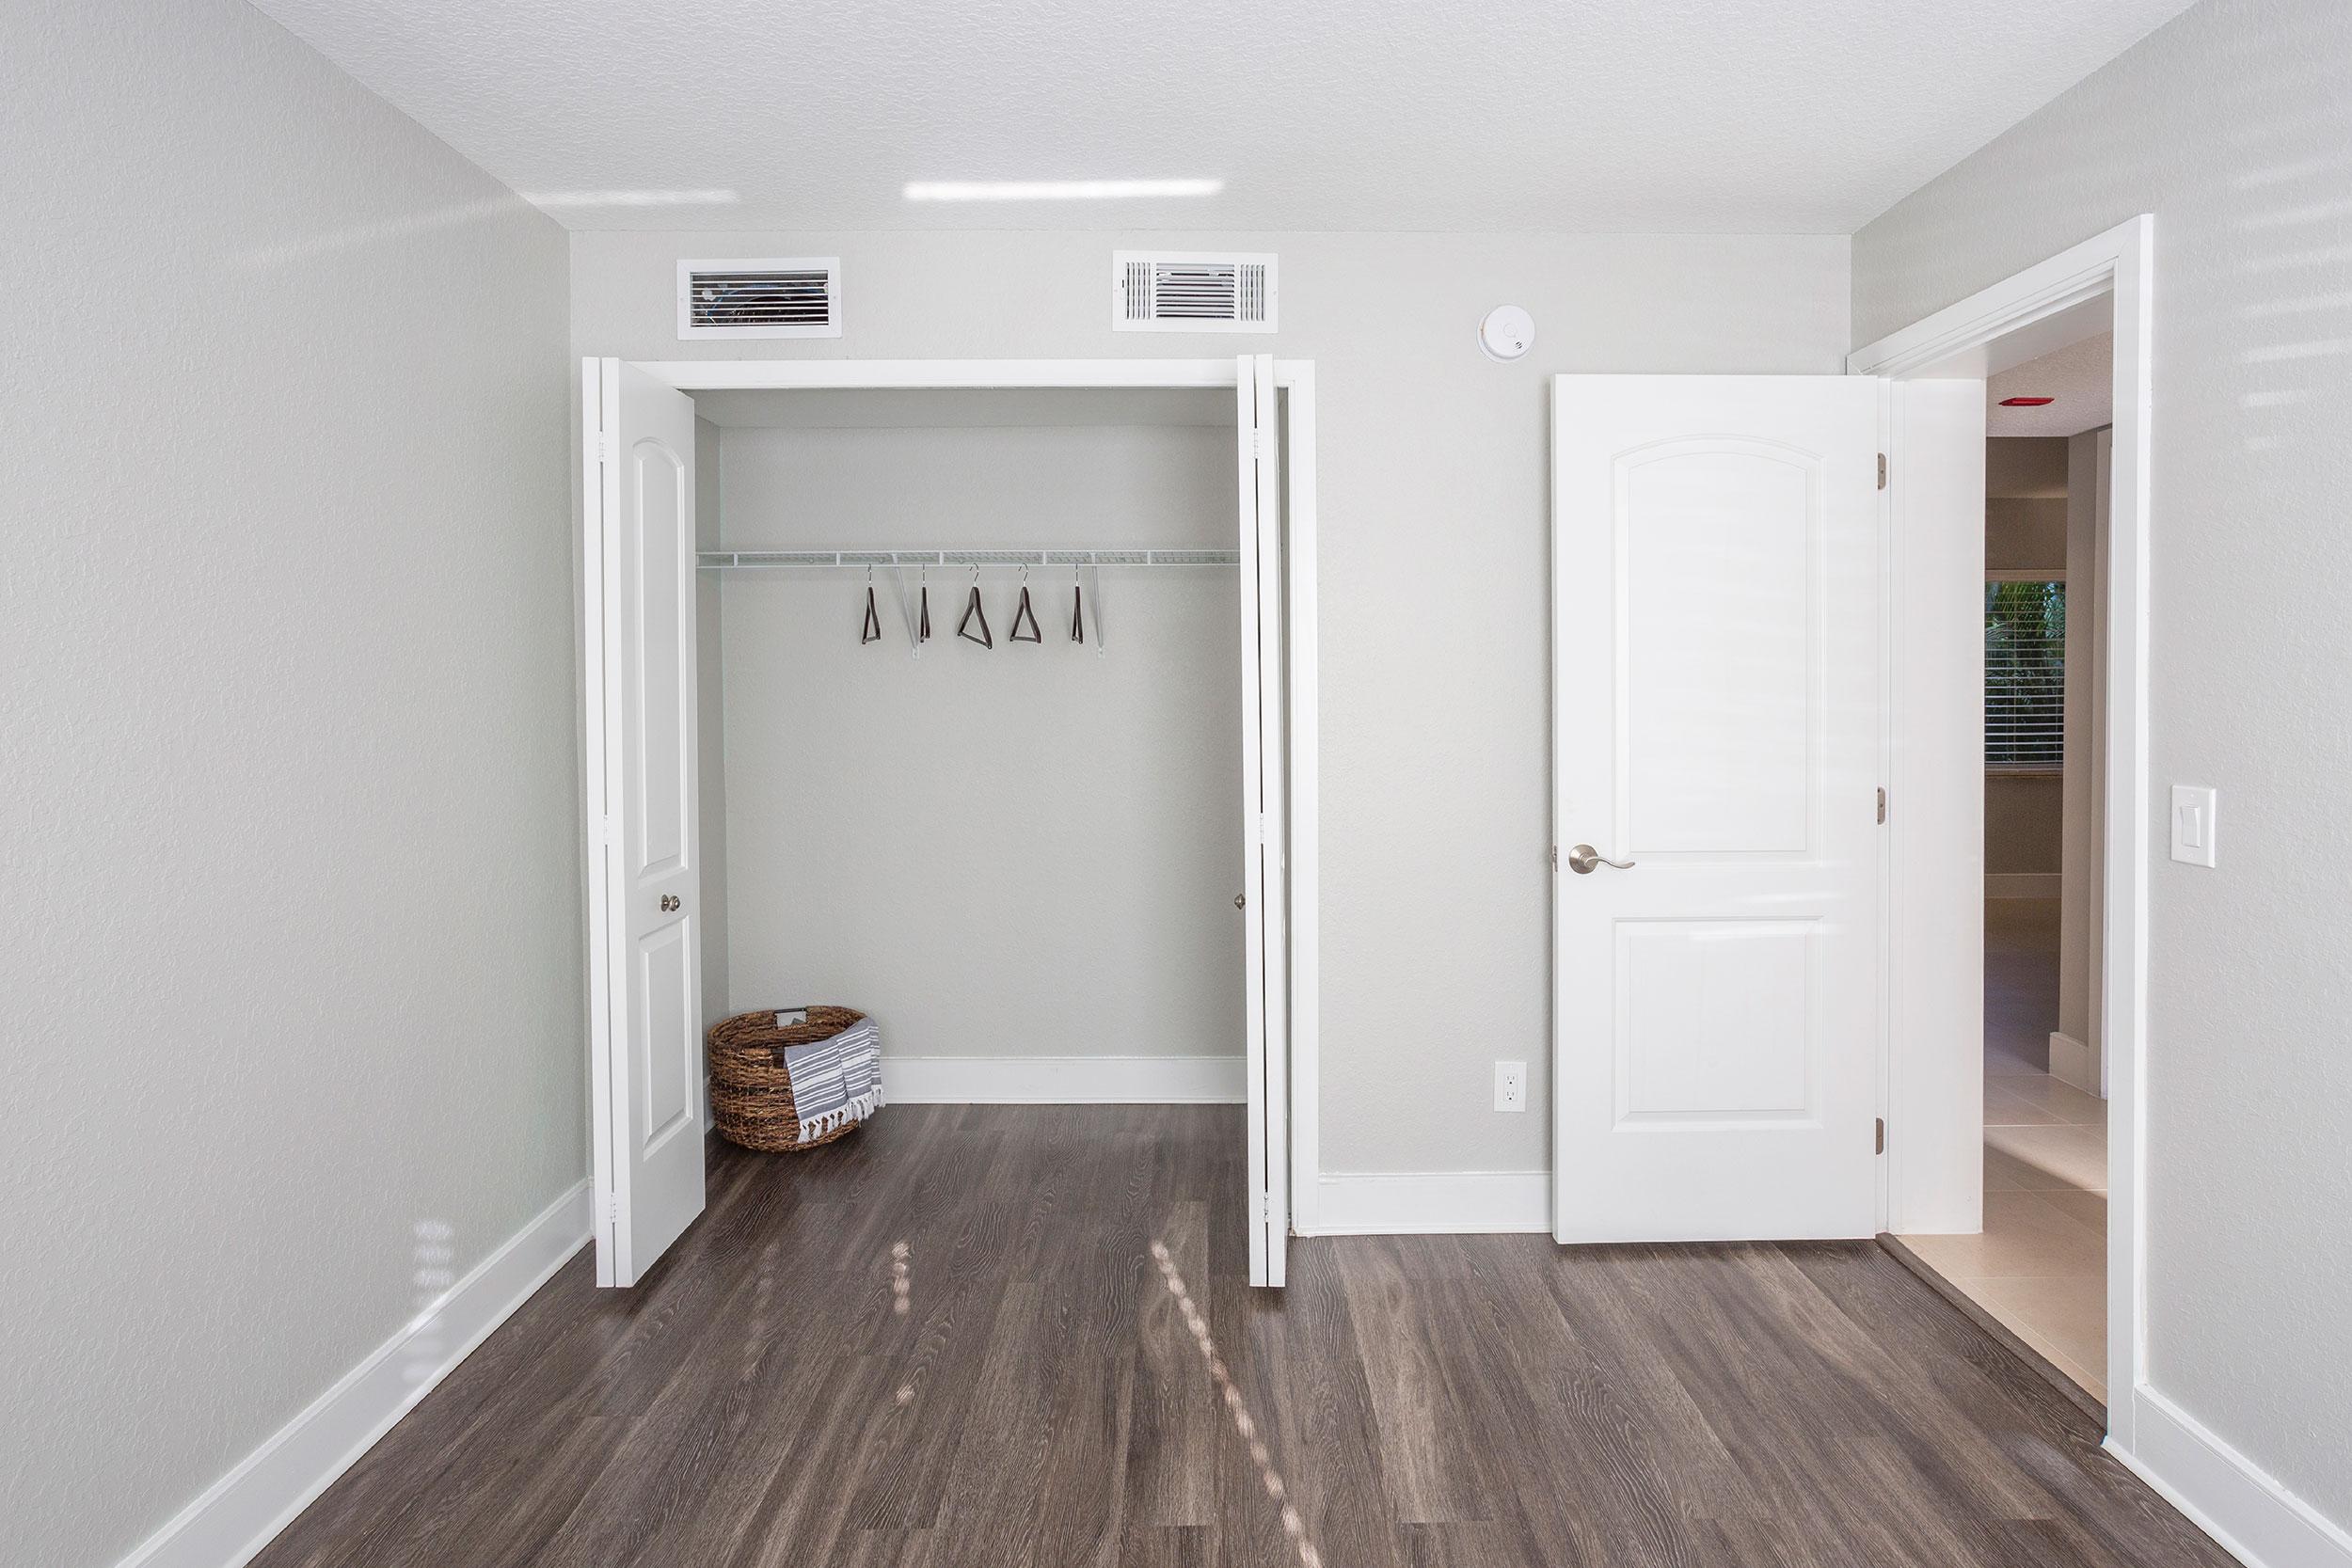 Bsf-bedroom